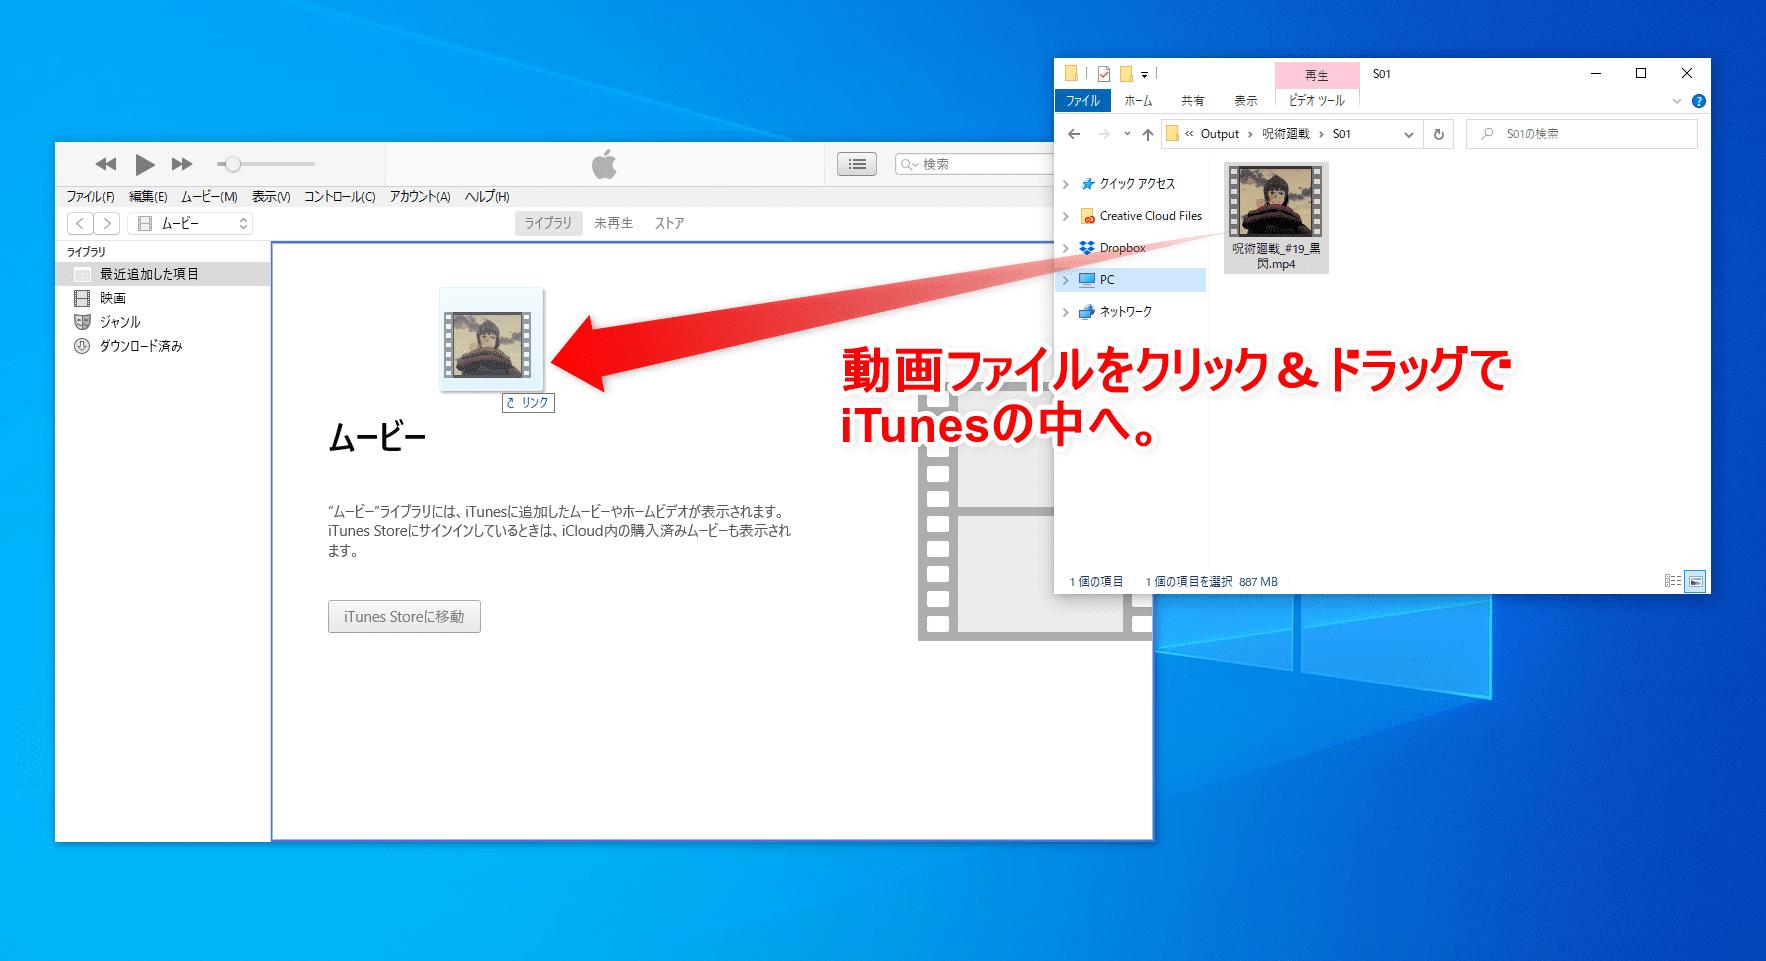 【動画ファイルをiPhoneに同期する方法】DVD・動画配信サービスの動画コンテンツを変換したファイルをiPhoneやiPadに入れて視聴する方法|同期の手順